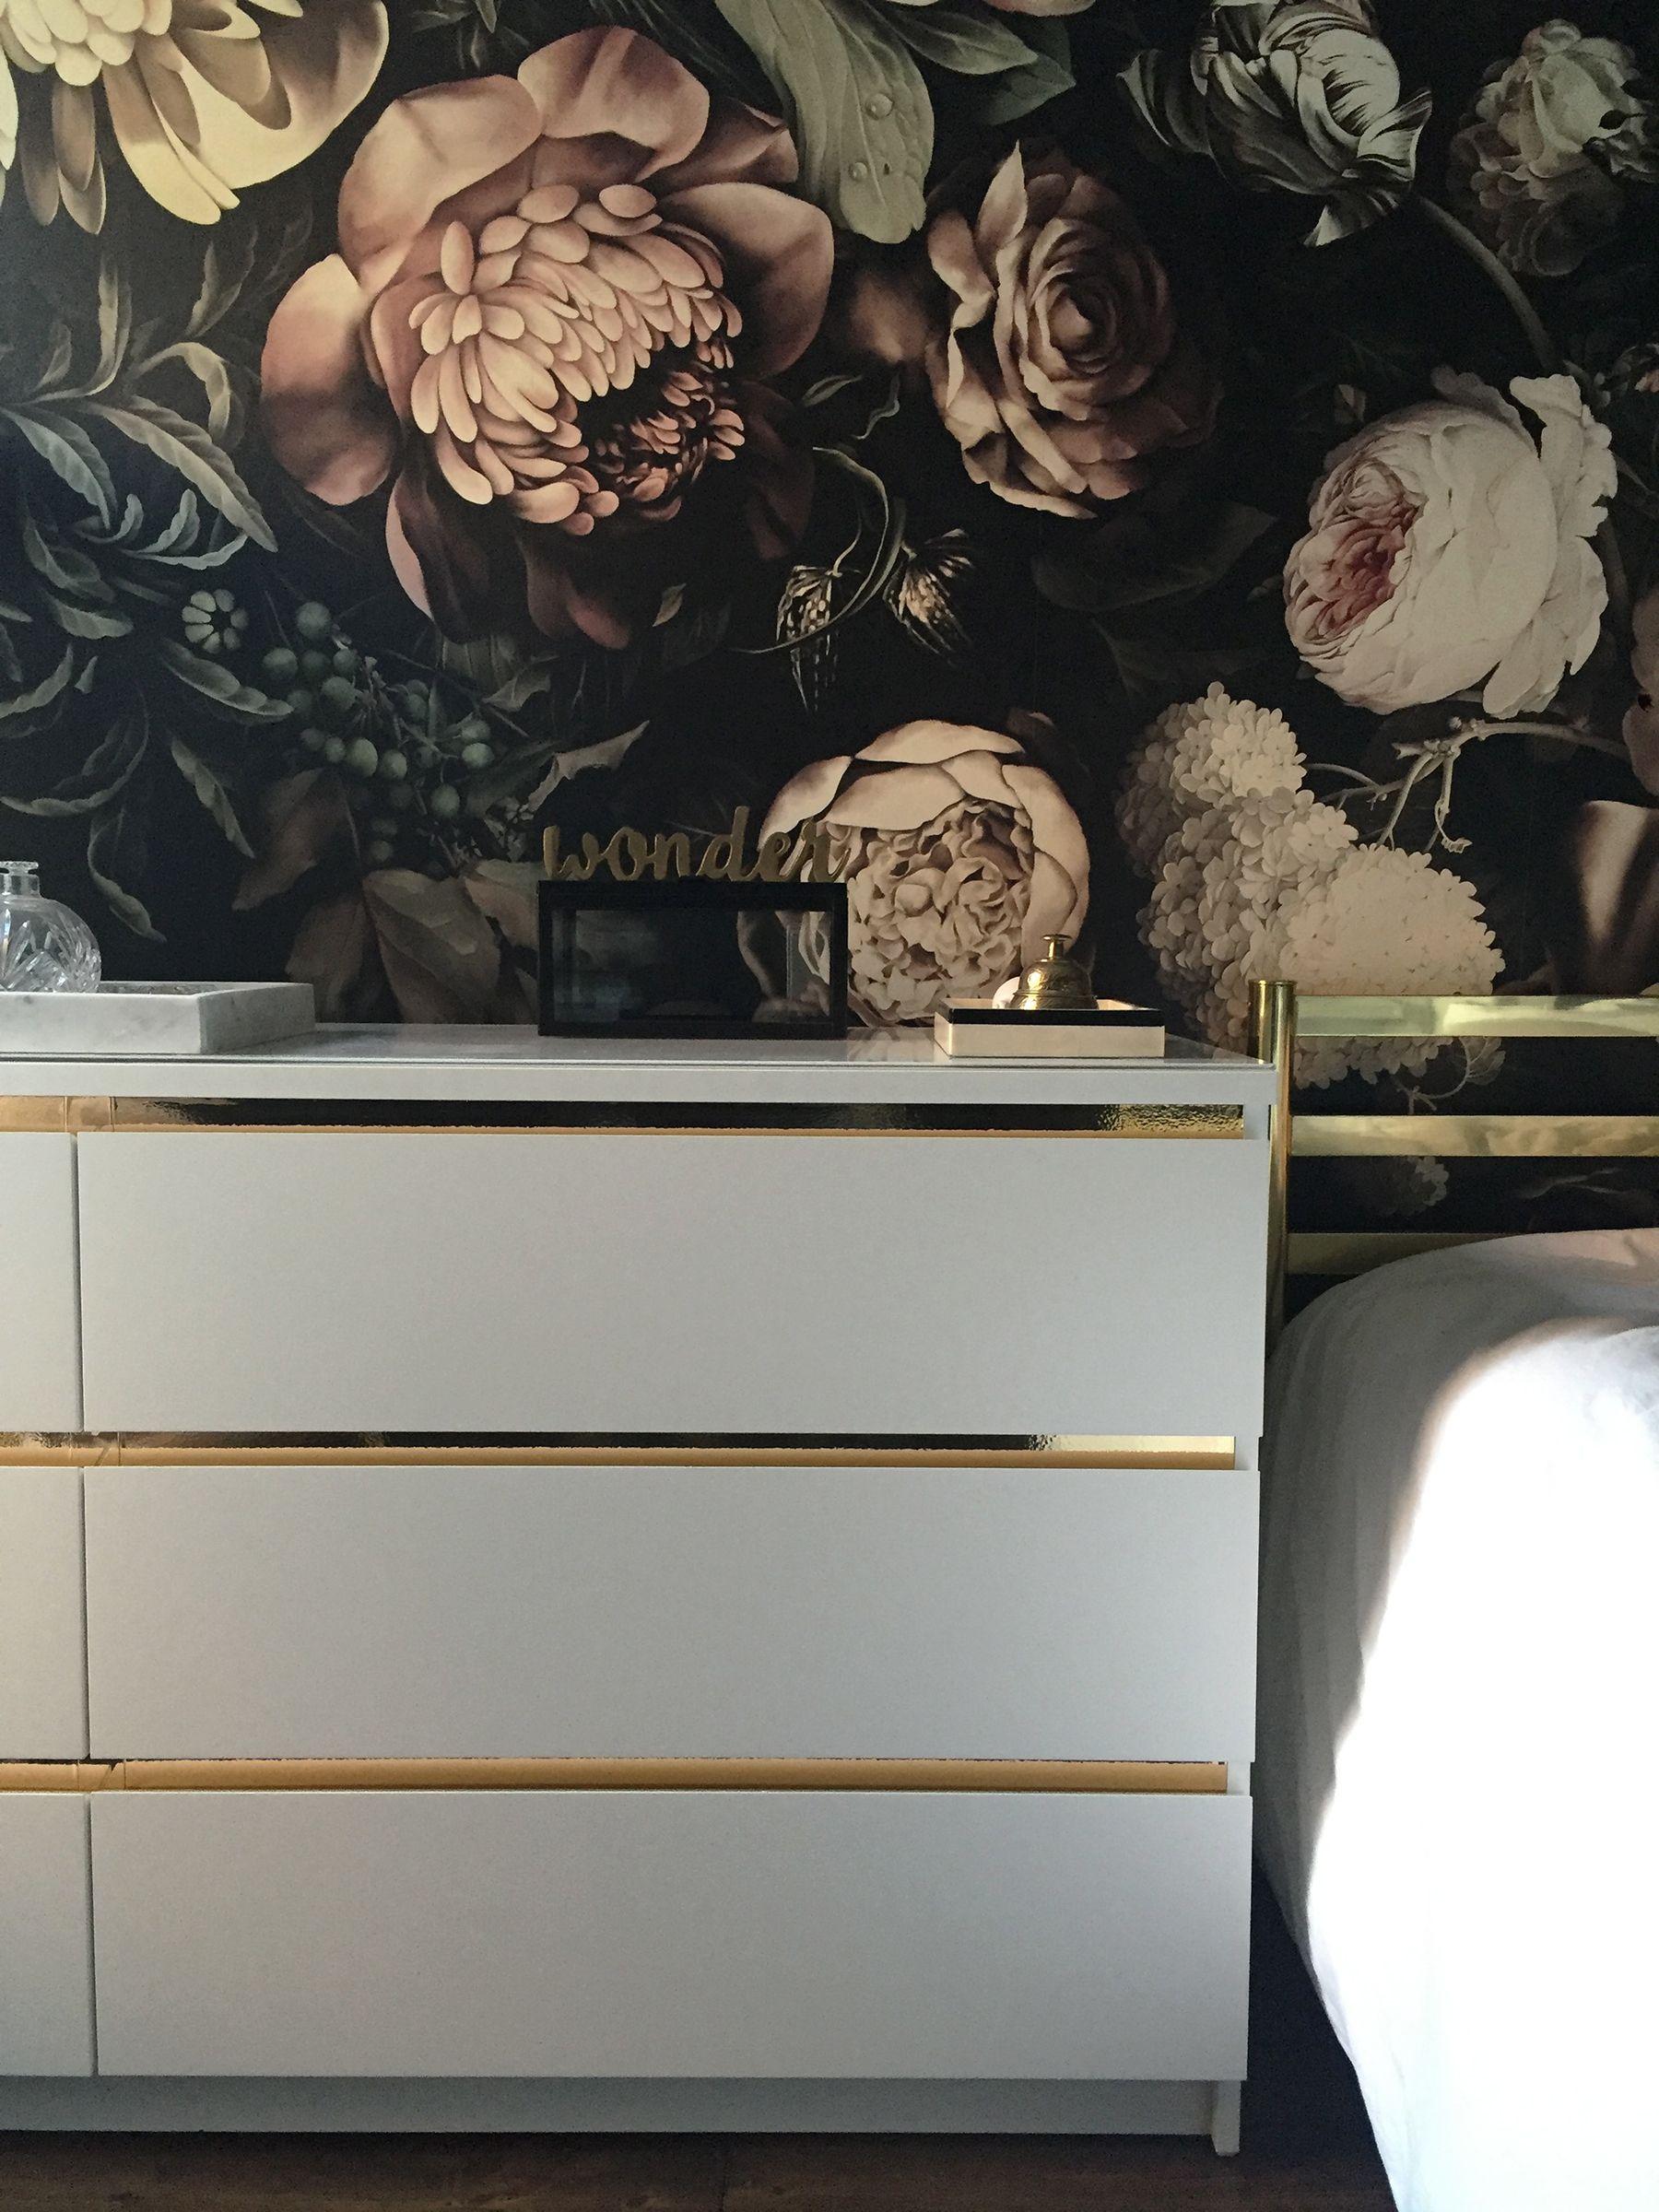 malm kommode mit goldenen details ikea hacks malm. Black Bedroom Furniture Sets. Home Design Ideas